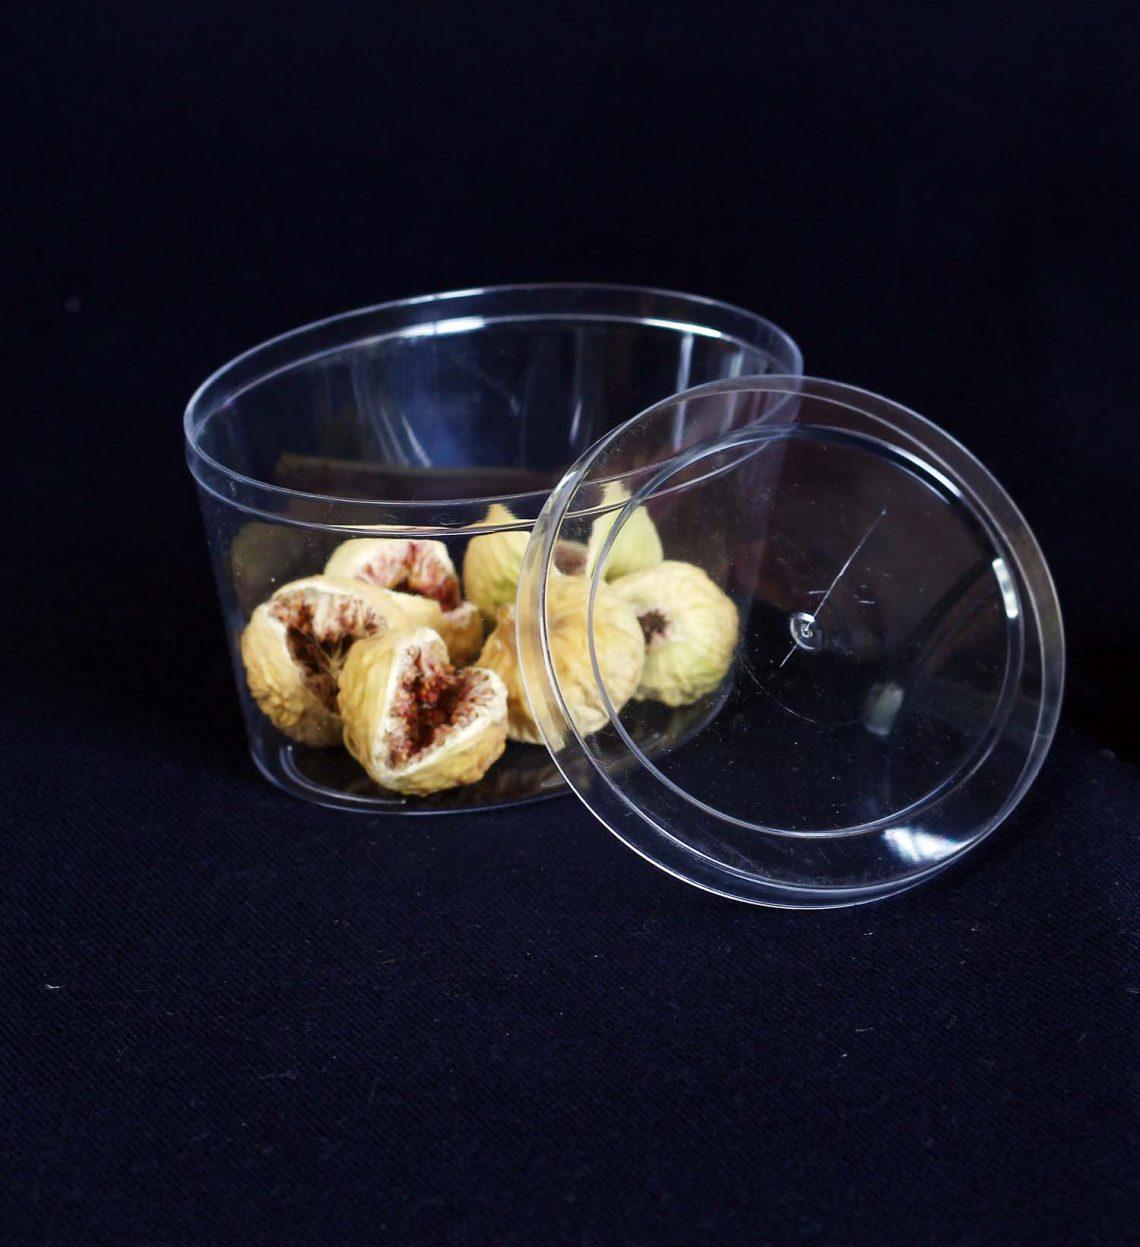 فروش ظروف یکبار مصرف کریستالی